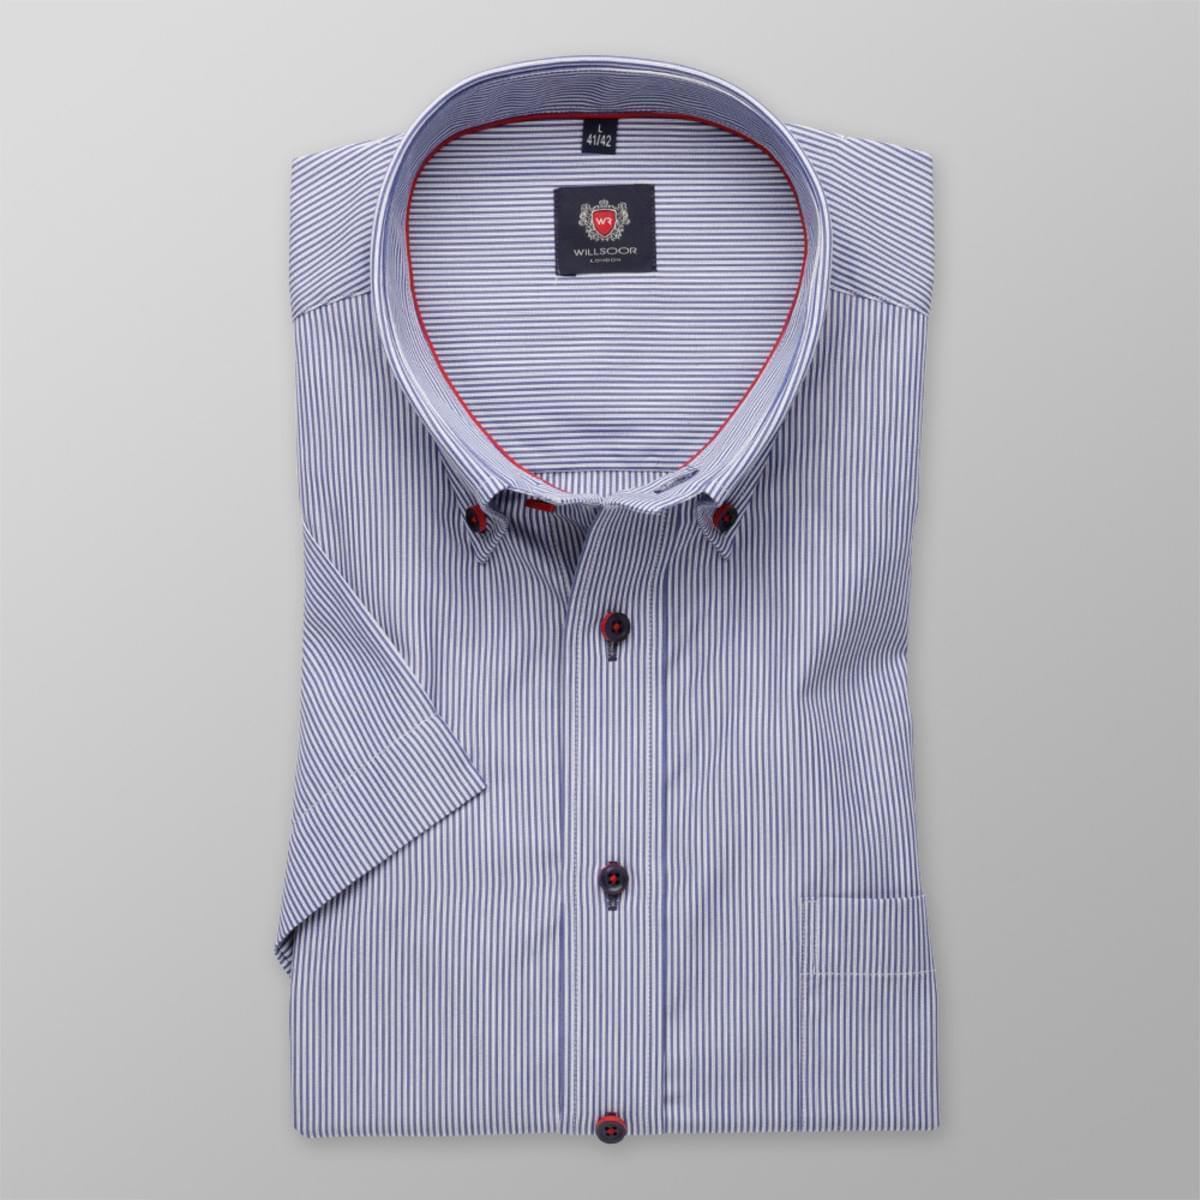 Pánska klasická košeľa s krátkym rukávom (výška 176-182) 8097 s modrými pásikmi a úpravou easy care 176-182 / L (41/42)